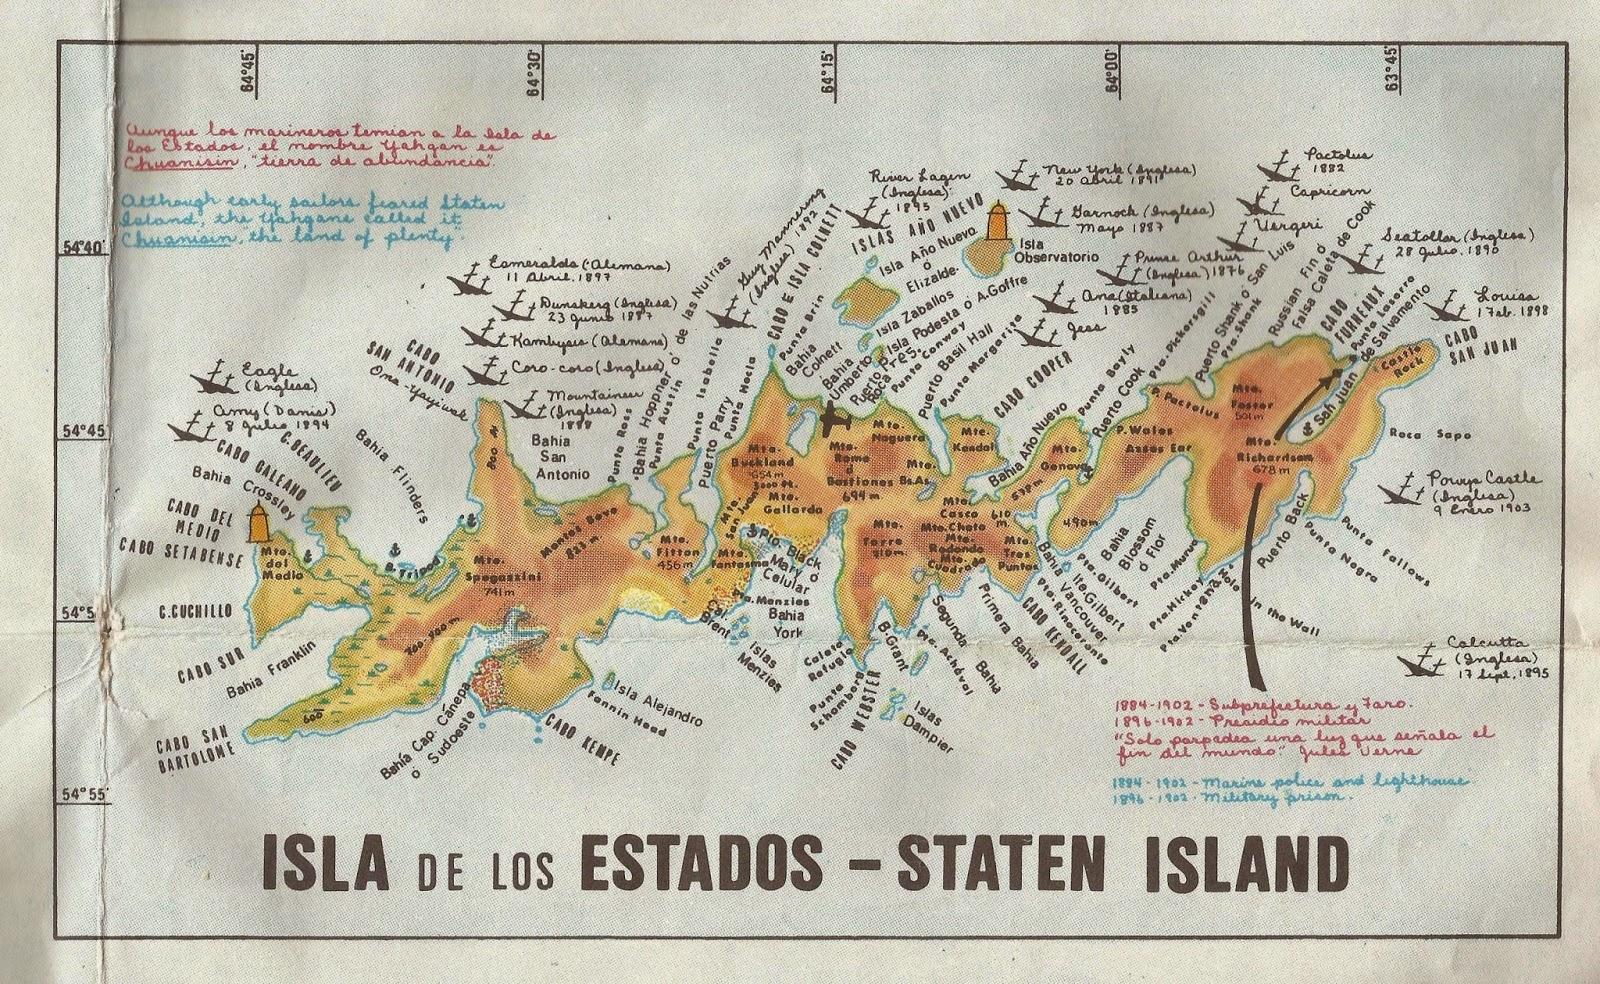 isla de los estados 17